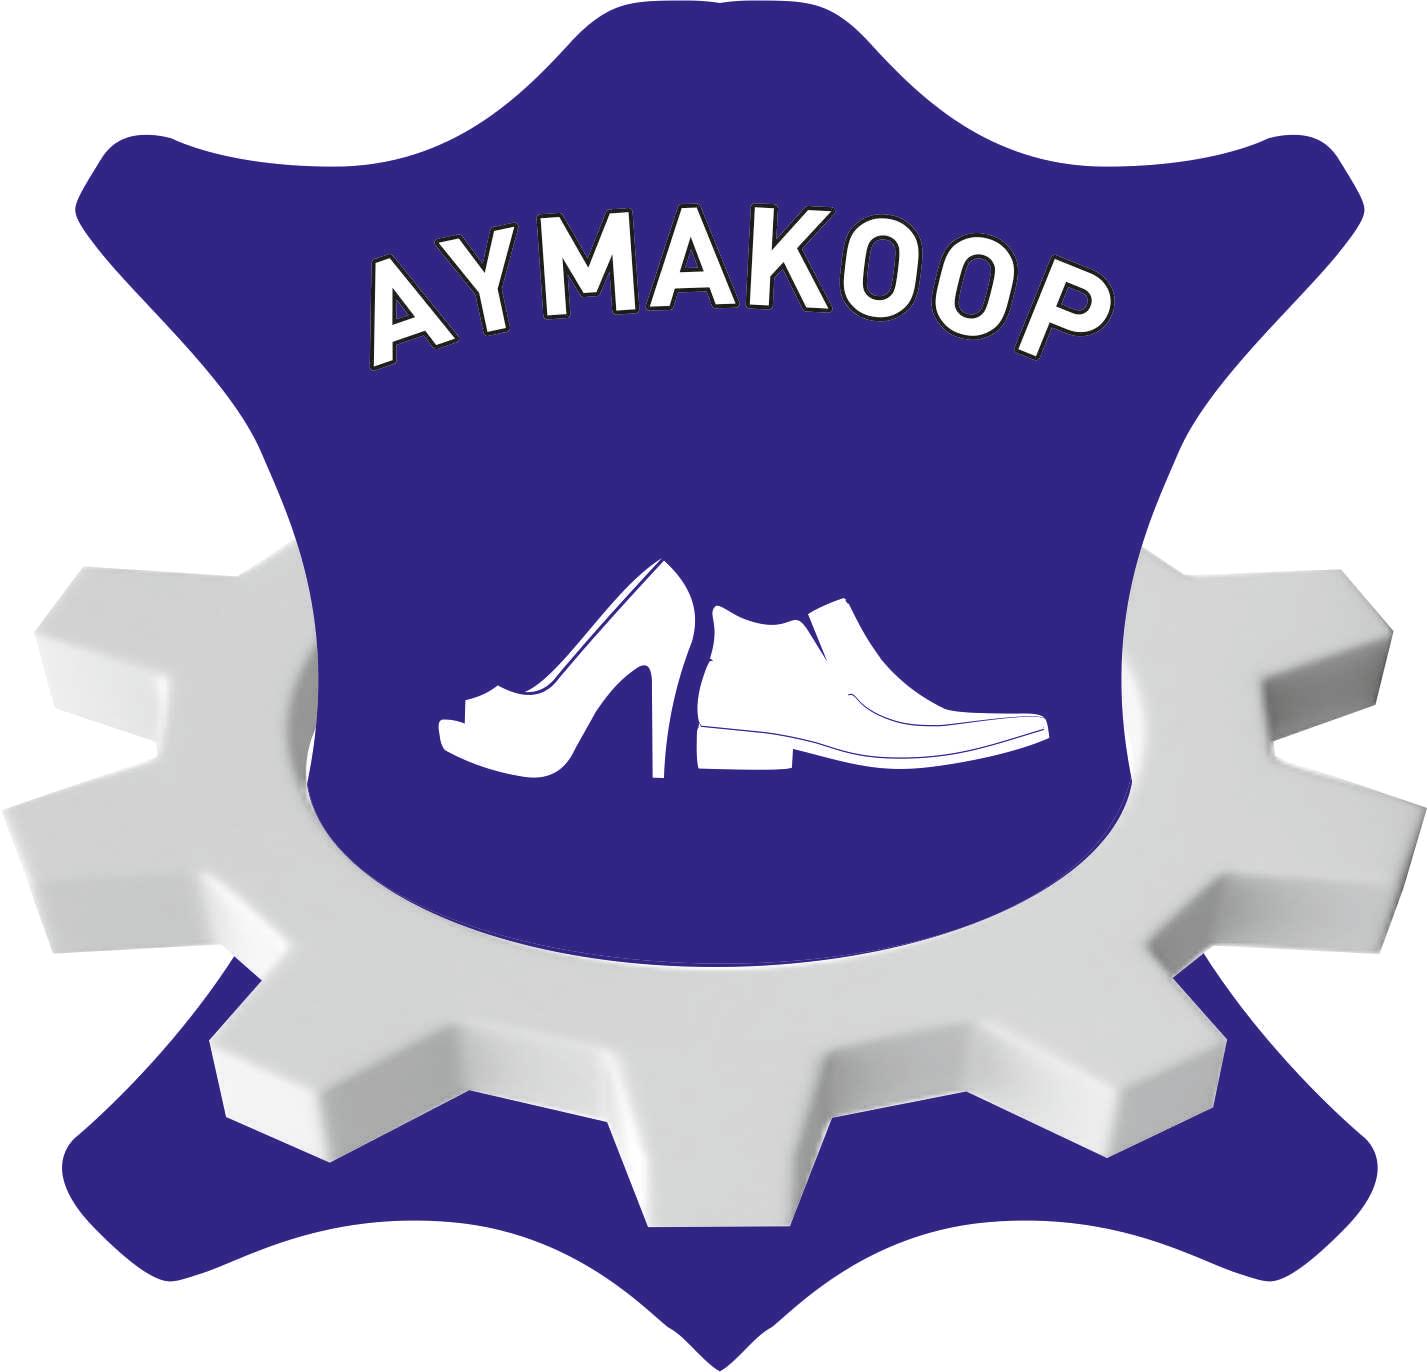 Aymakop'un Firmalara Kazandıracakları